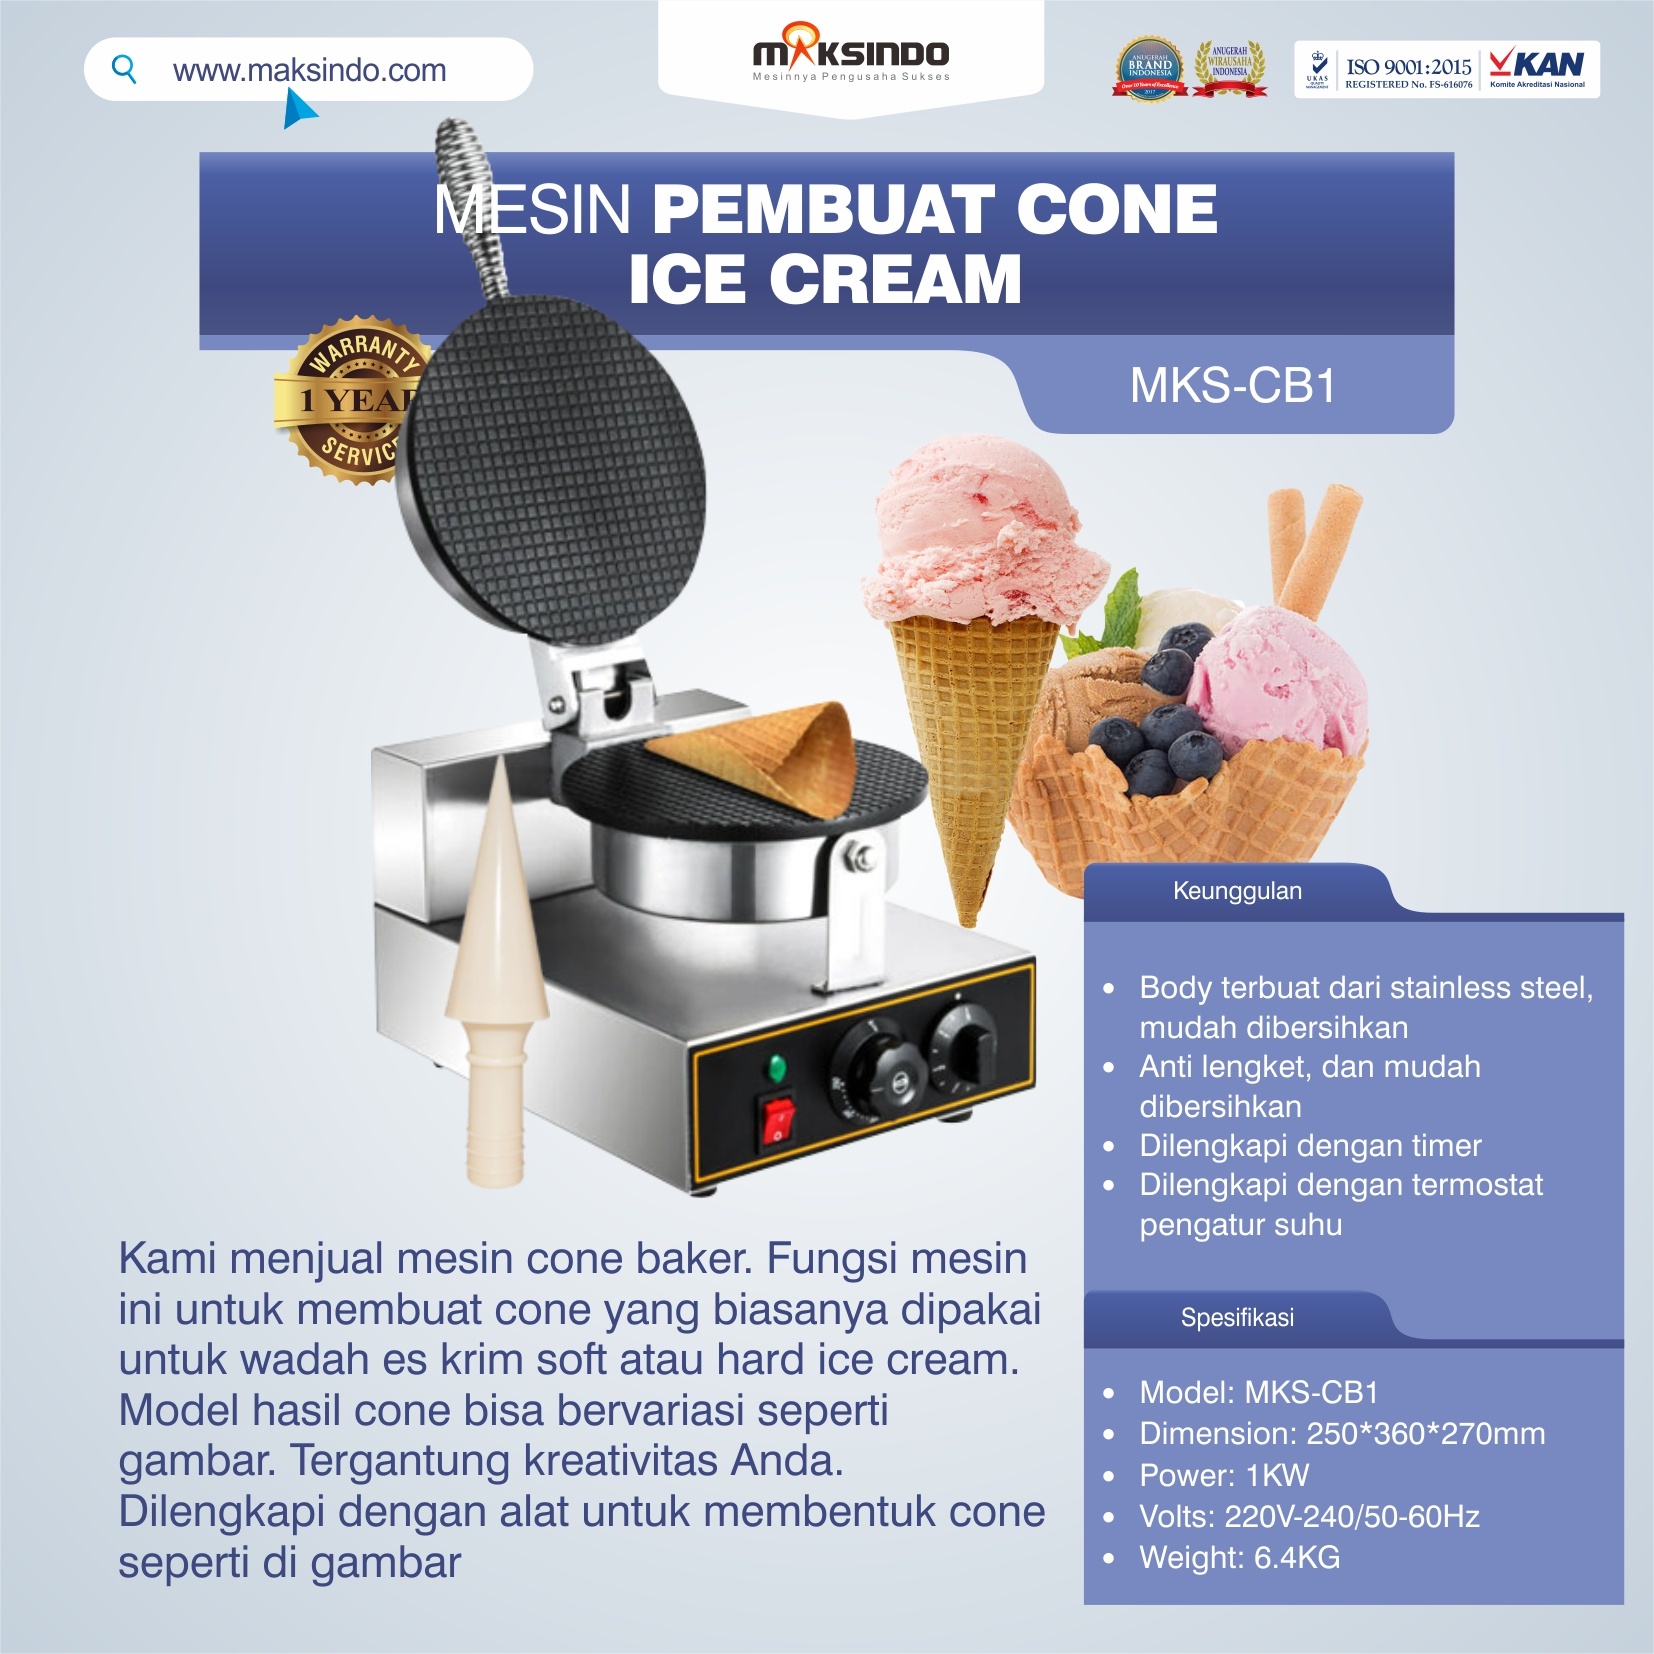 Jual Mesin Pembuat Cone Ice Cream (Cone Baker) di Bekasi